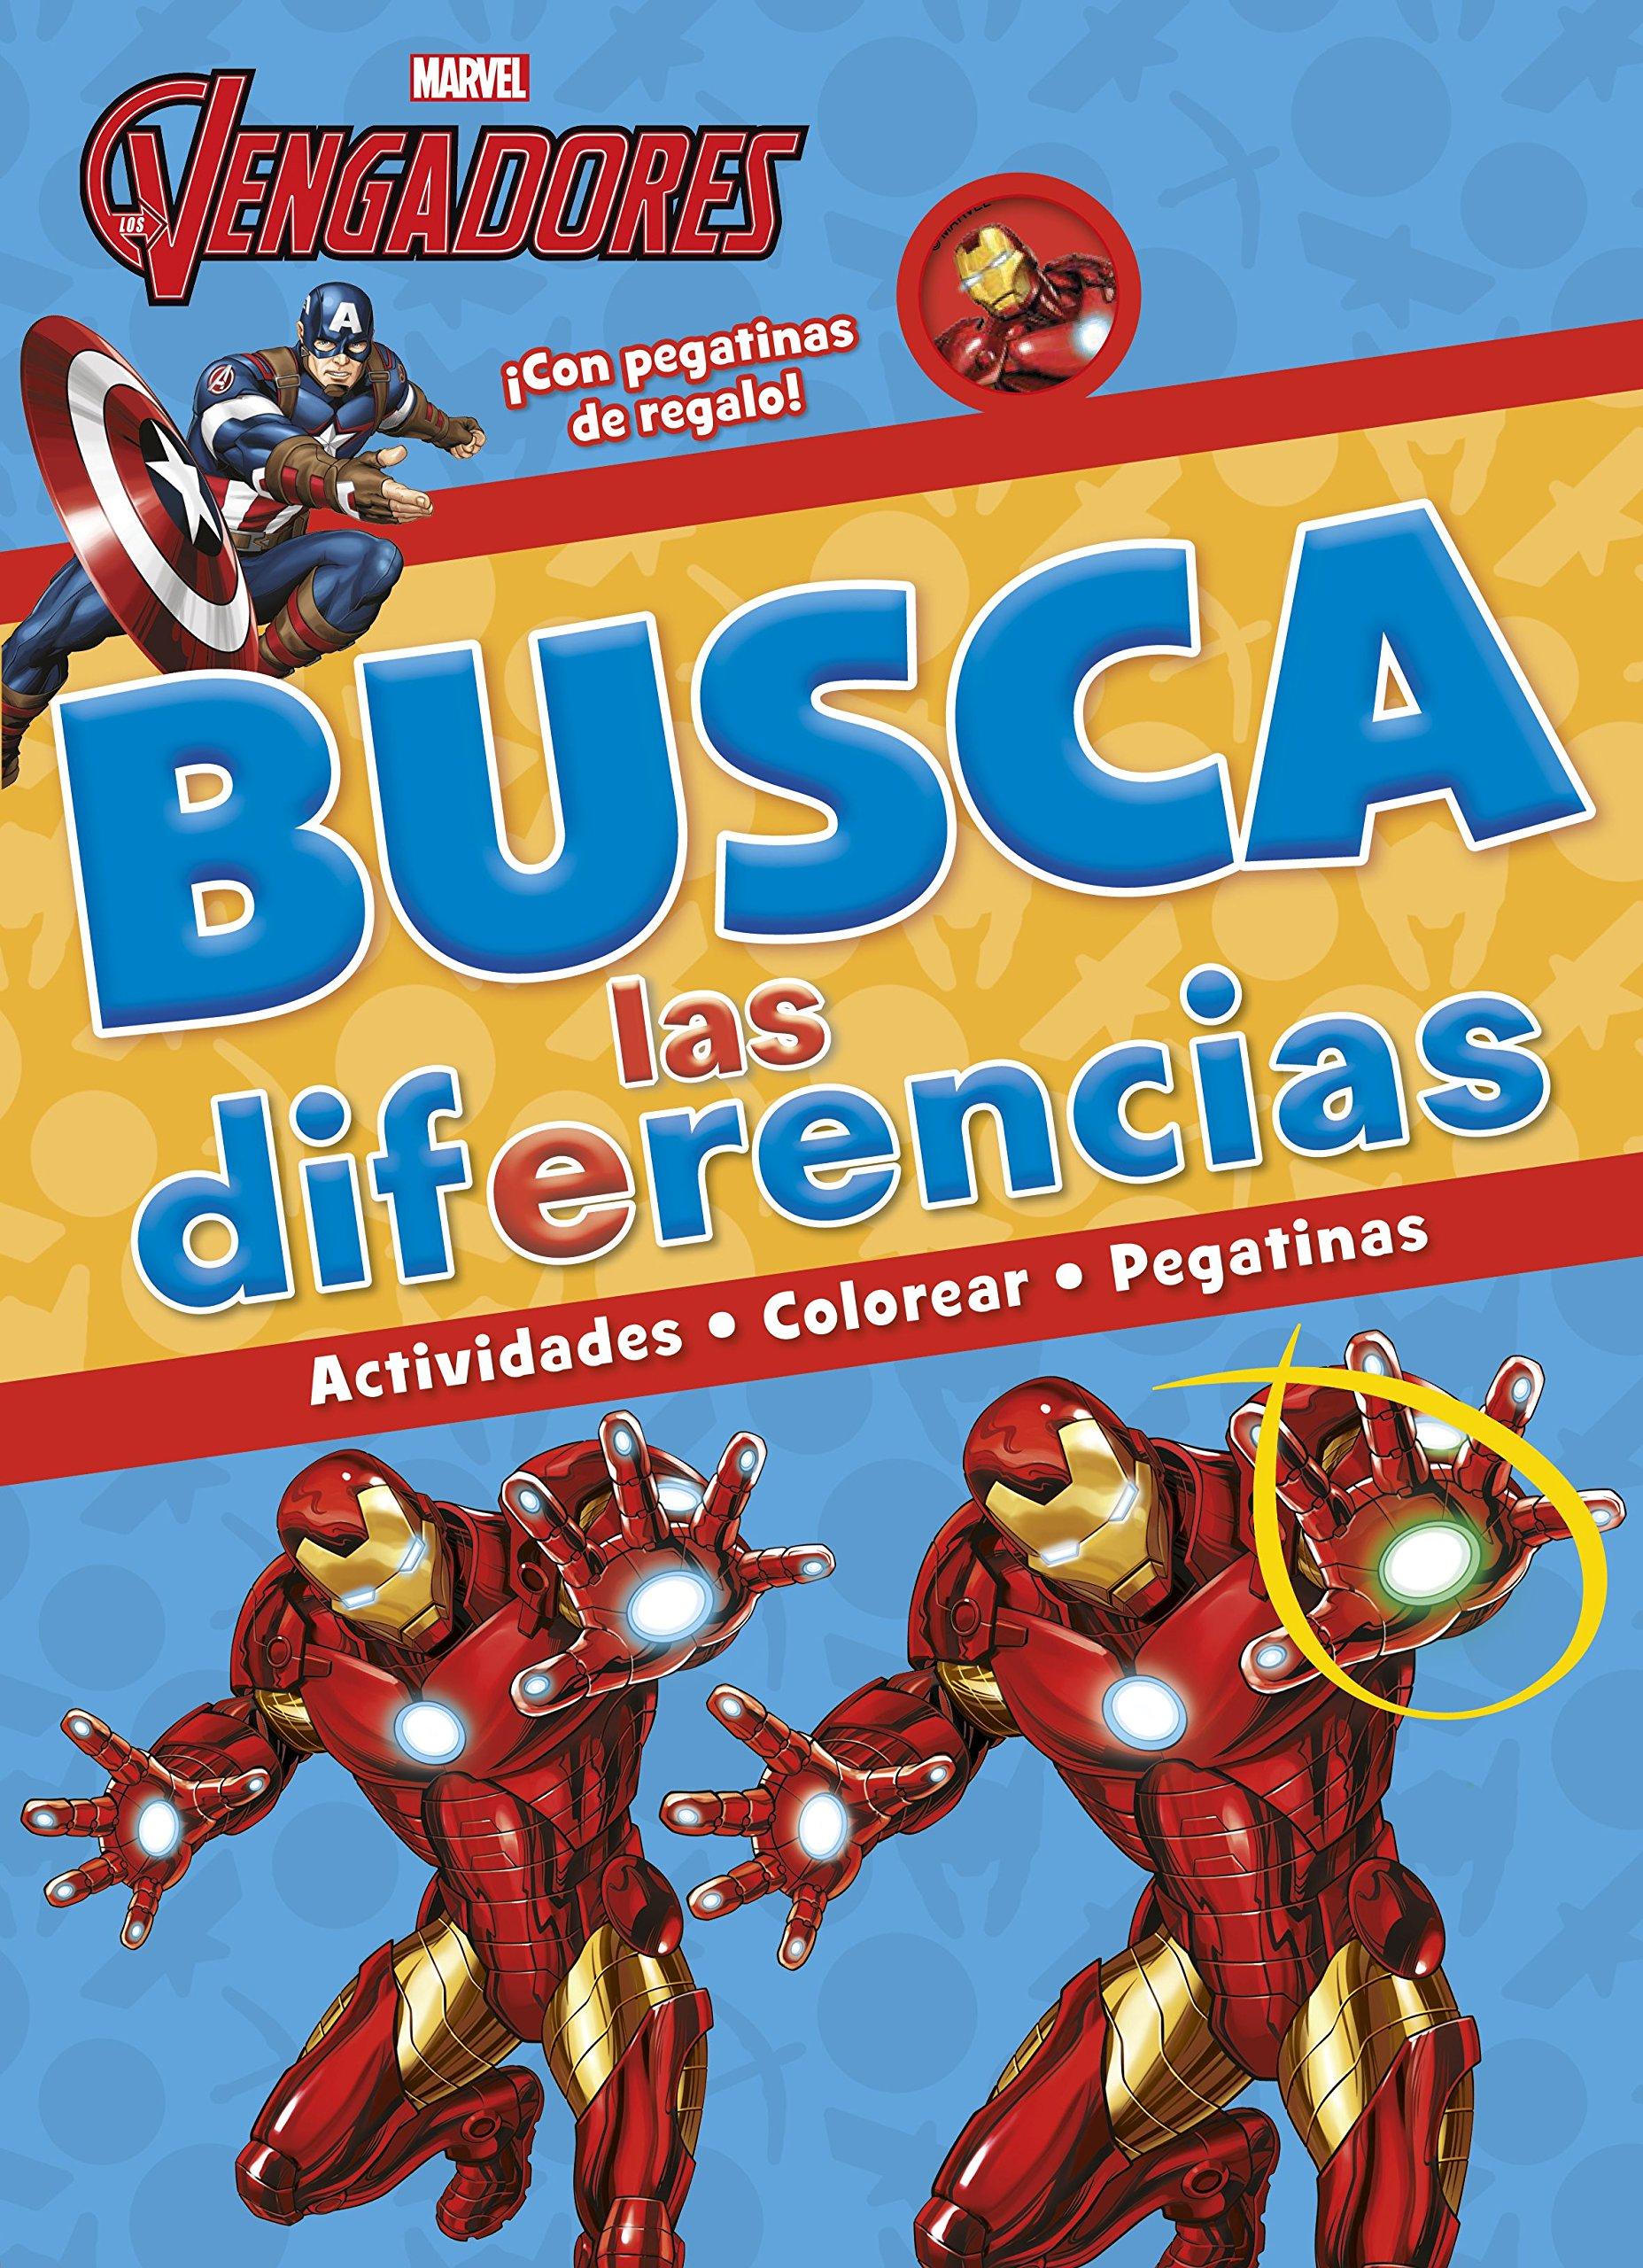 Busca las diferencias Marvel. Los Vengadores: Amazon.es: Marvel, Editorial Planeta S. A.: Libros